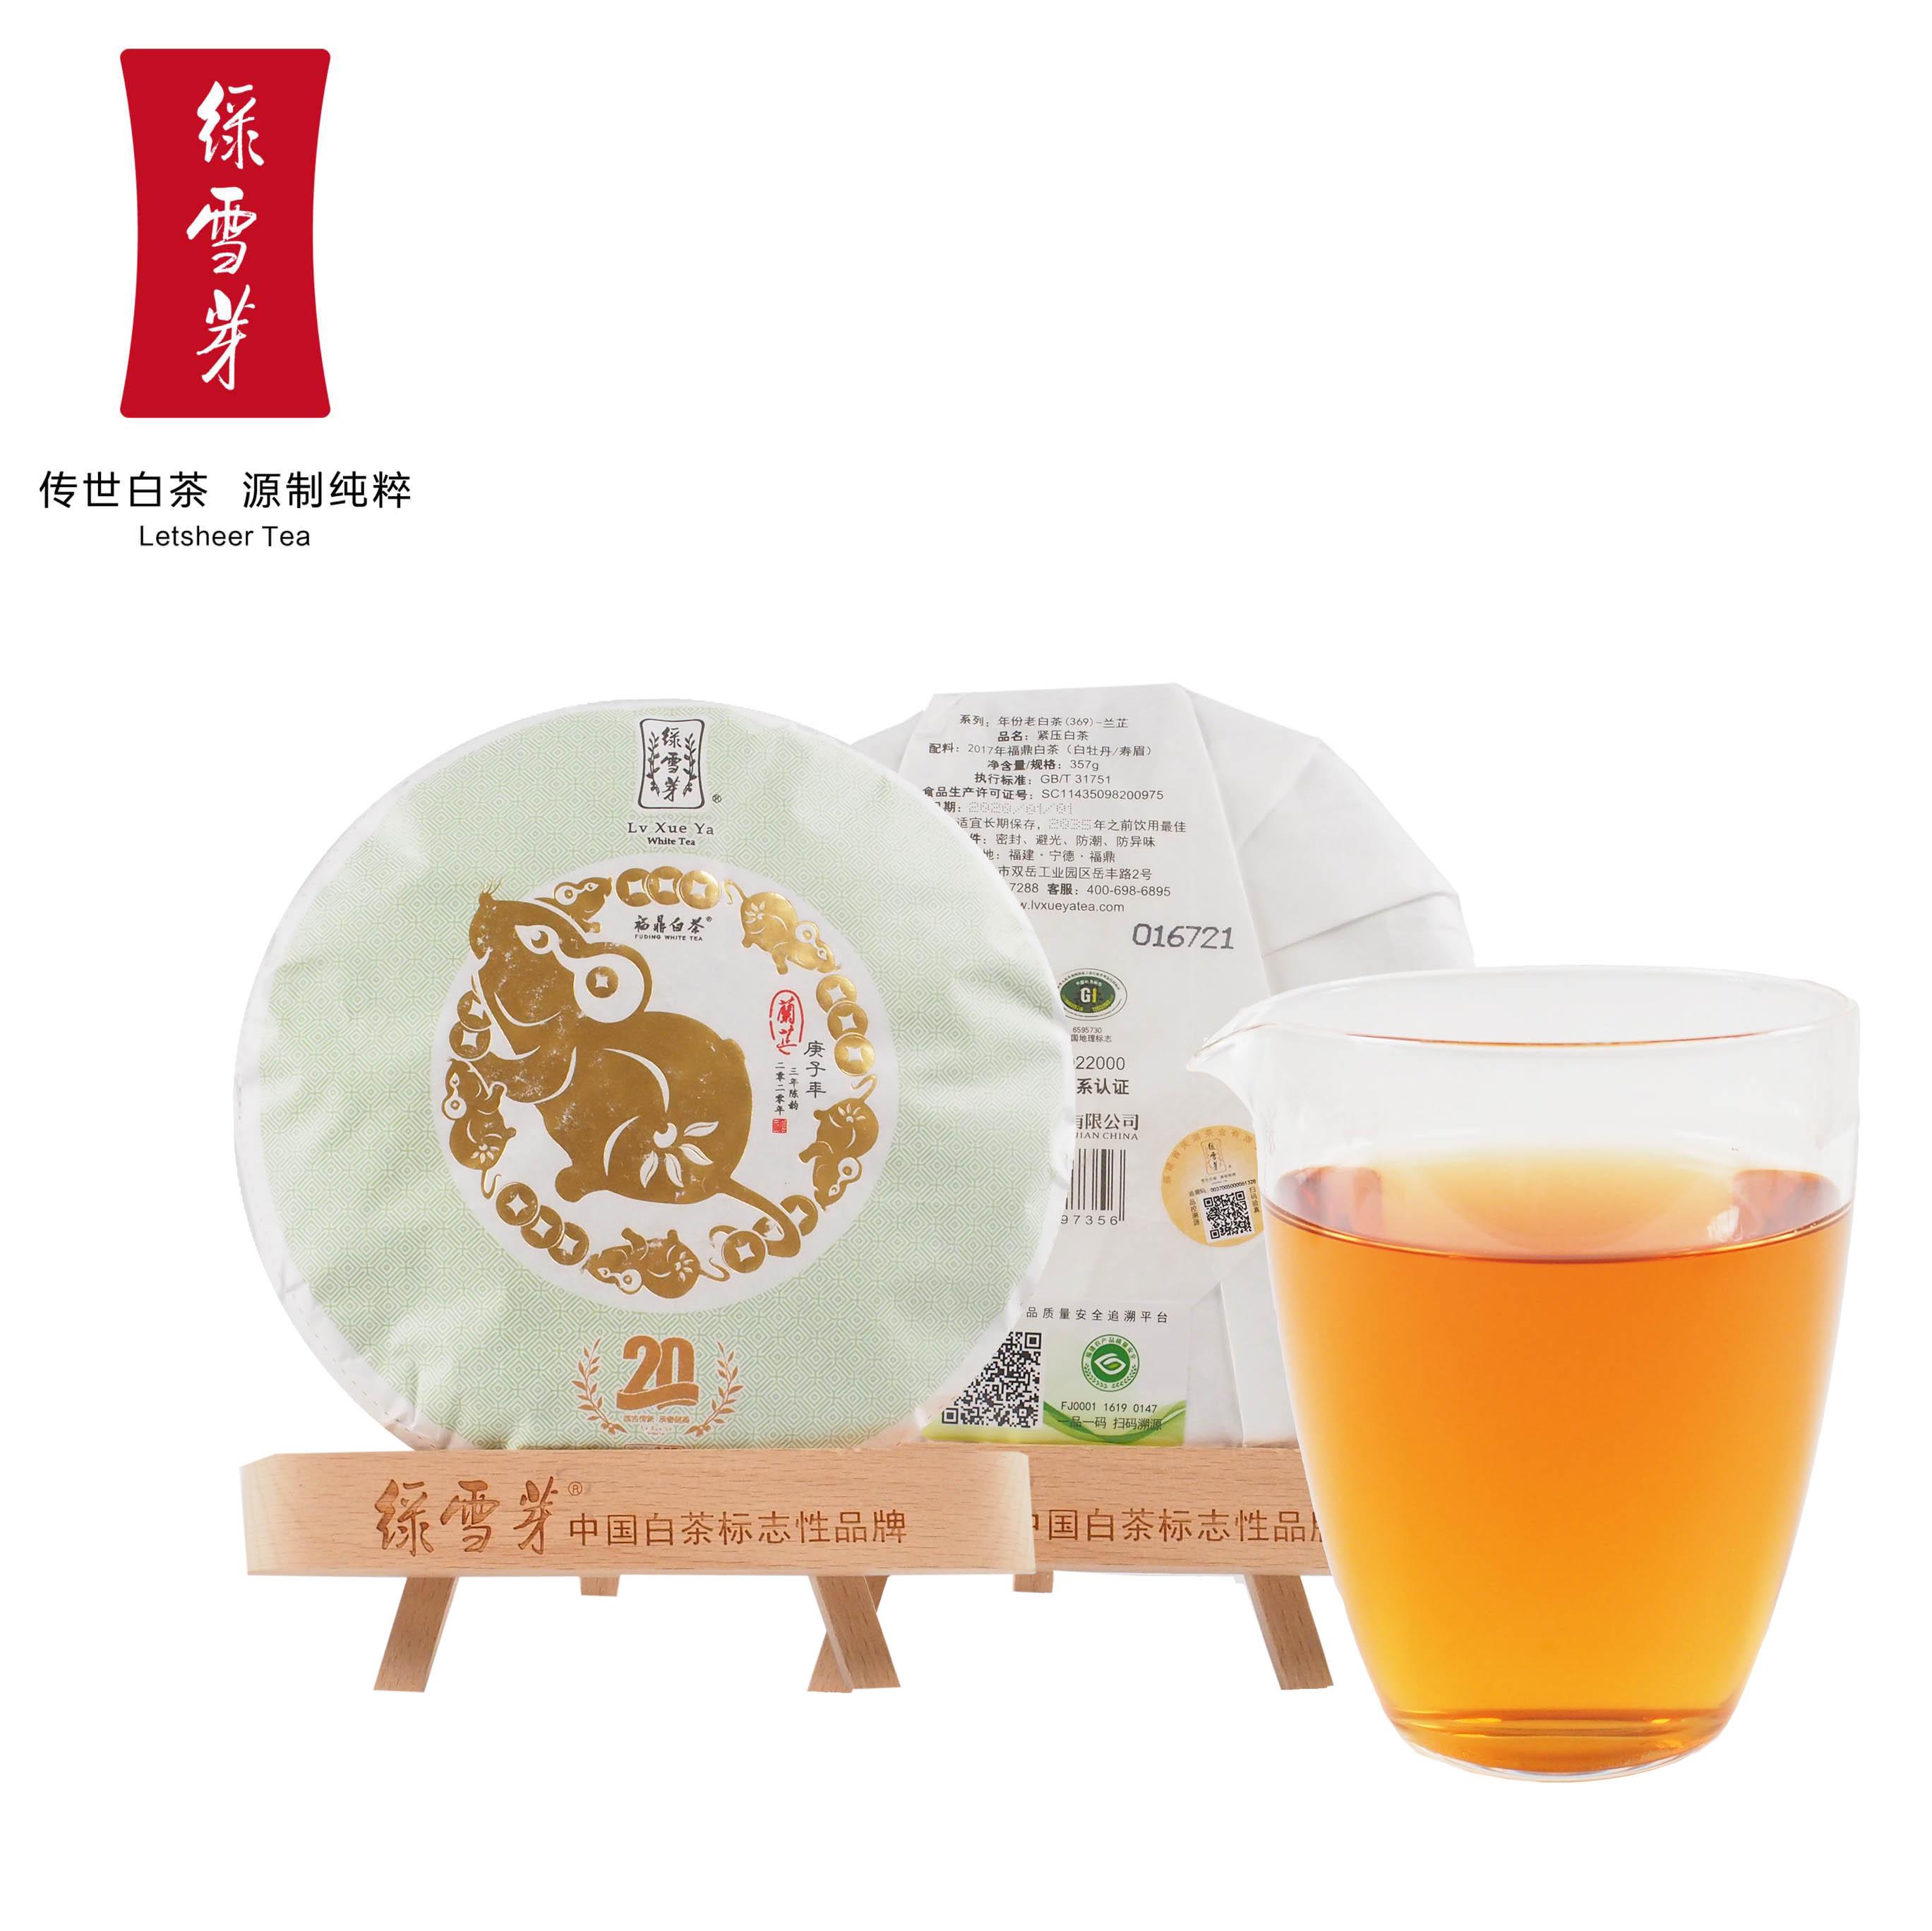 绿雪芽 福鼎白茶2017年白牡丹寿眉老白茶饼 茶叶庚子鼠年兰芷357g